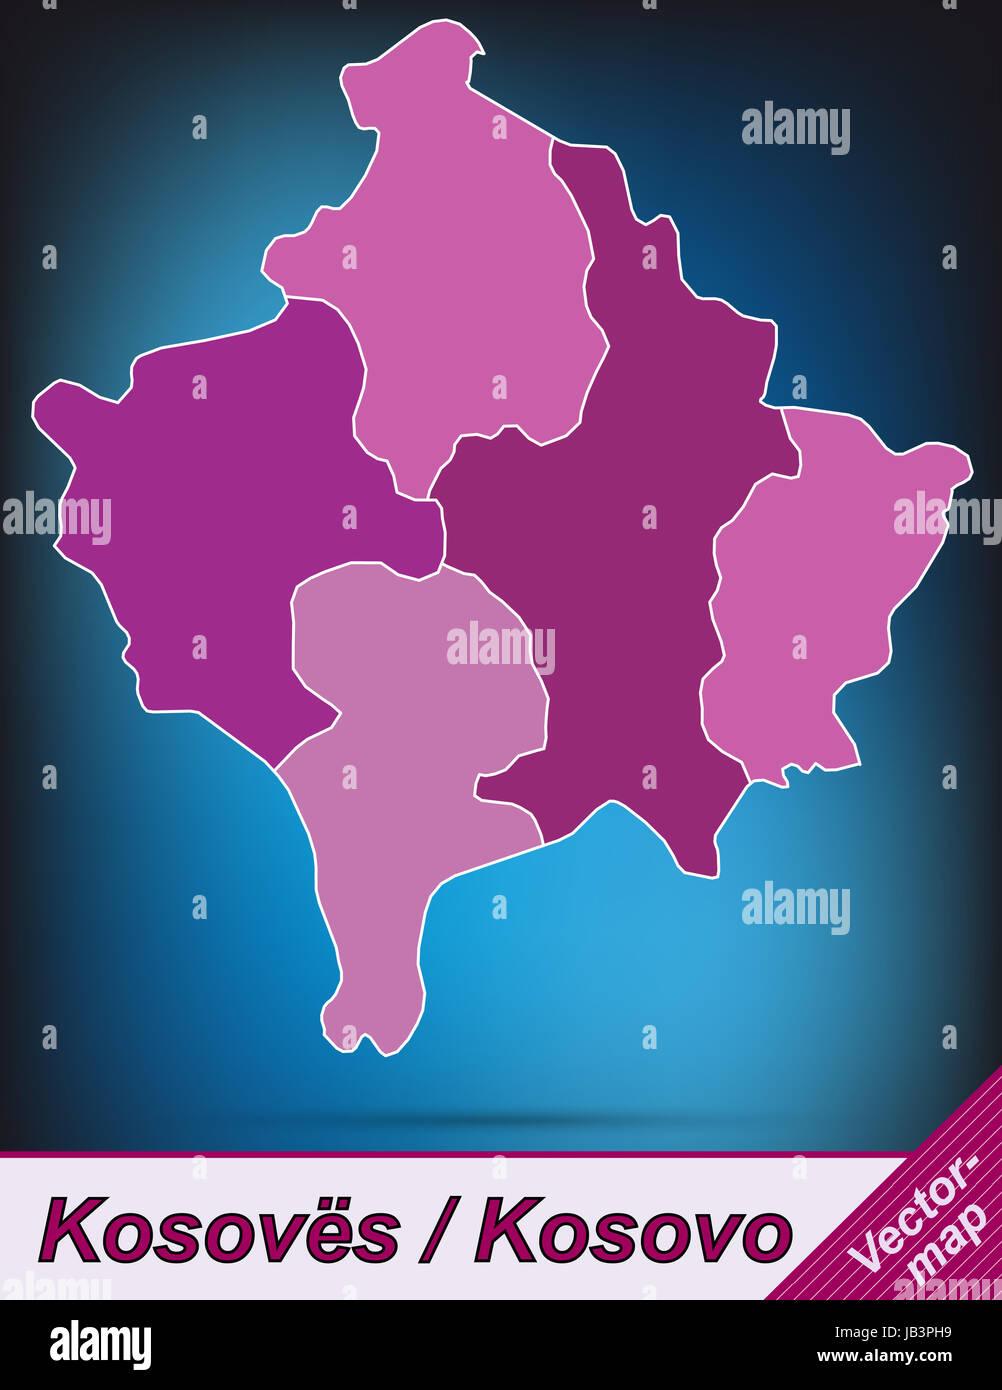 Kosovo Karte Europa.Kosovo In Europa Als Grenzkarte Mit Grenzen In Violett